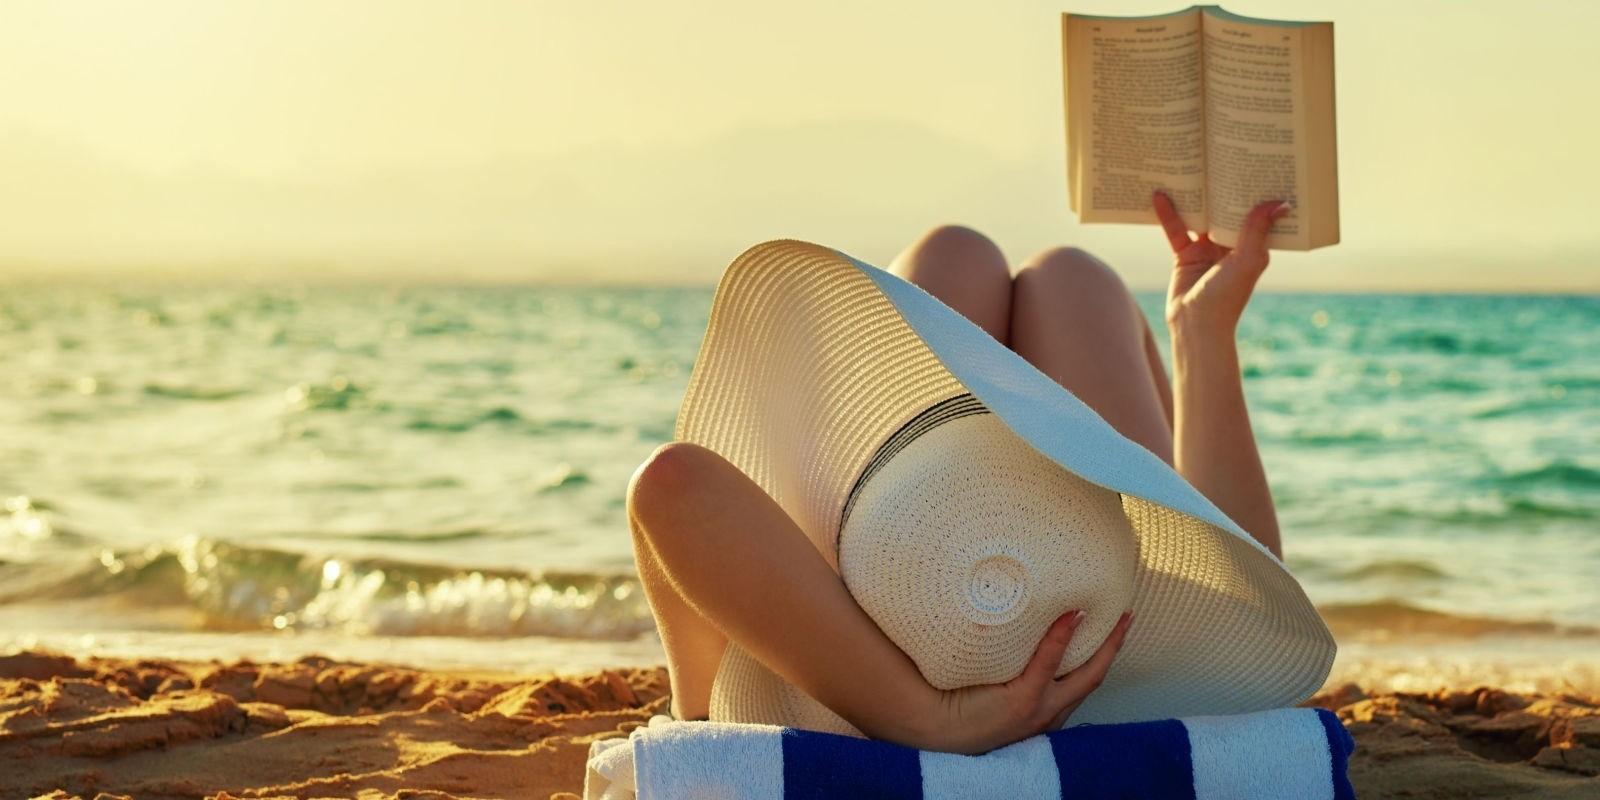 Могут ли отказать в отпуске за свой счет: причины отказа и что делать